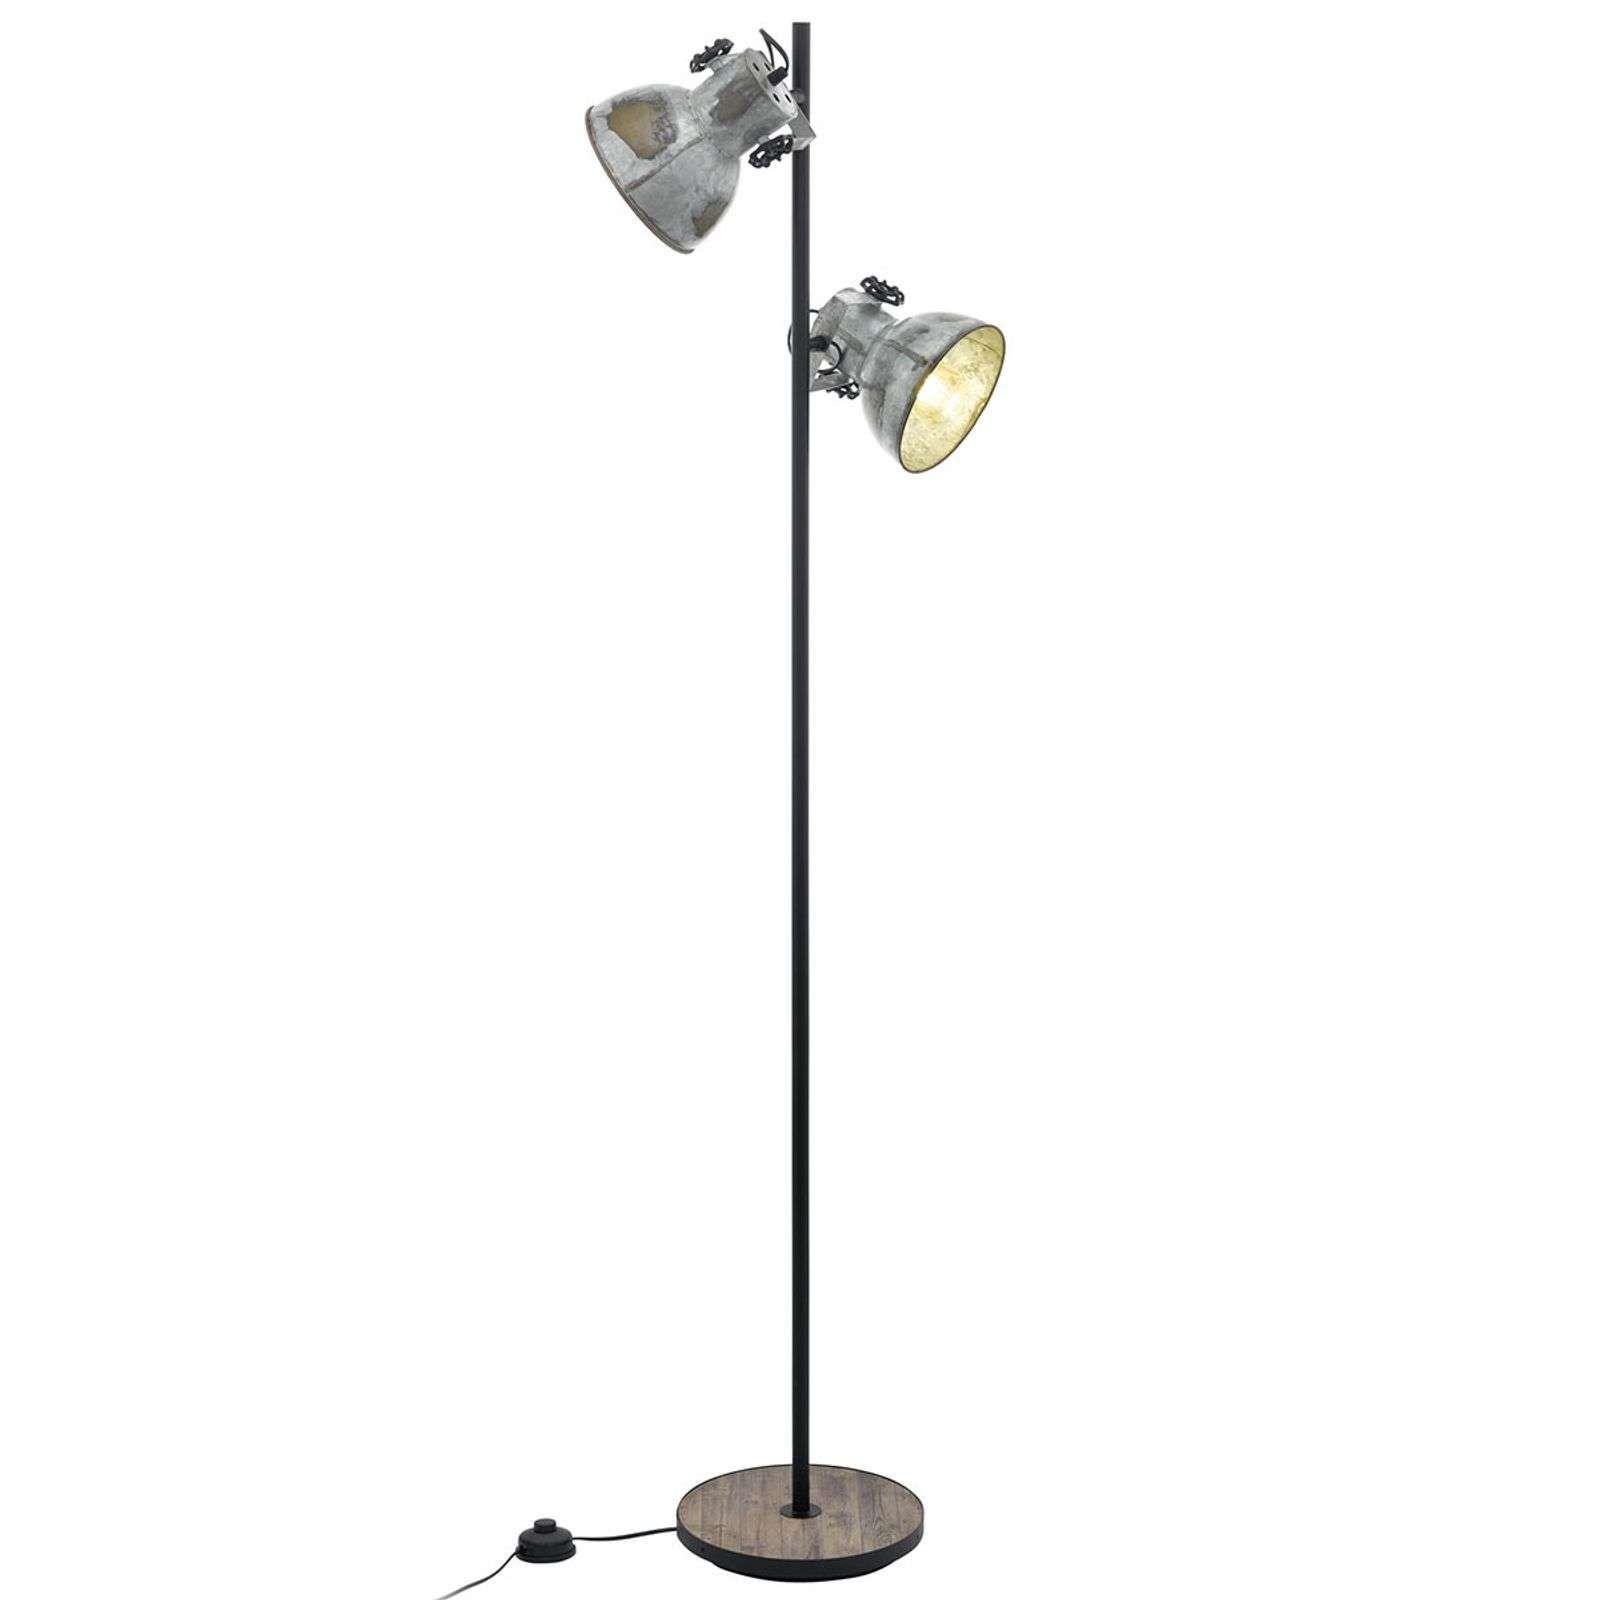 Industrial Stehlampe Barnstaple Von Eglo Schwarz Stehlampe